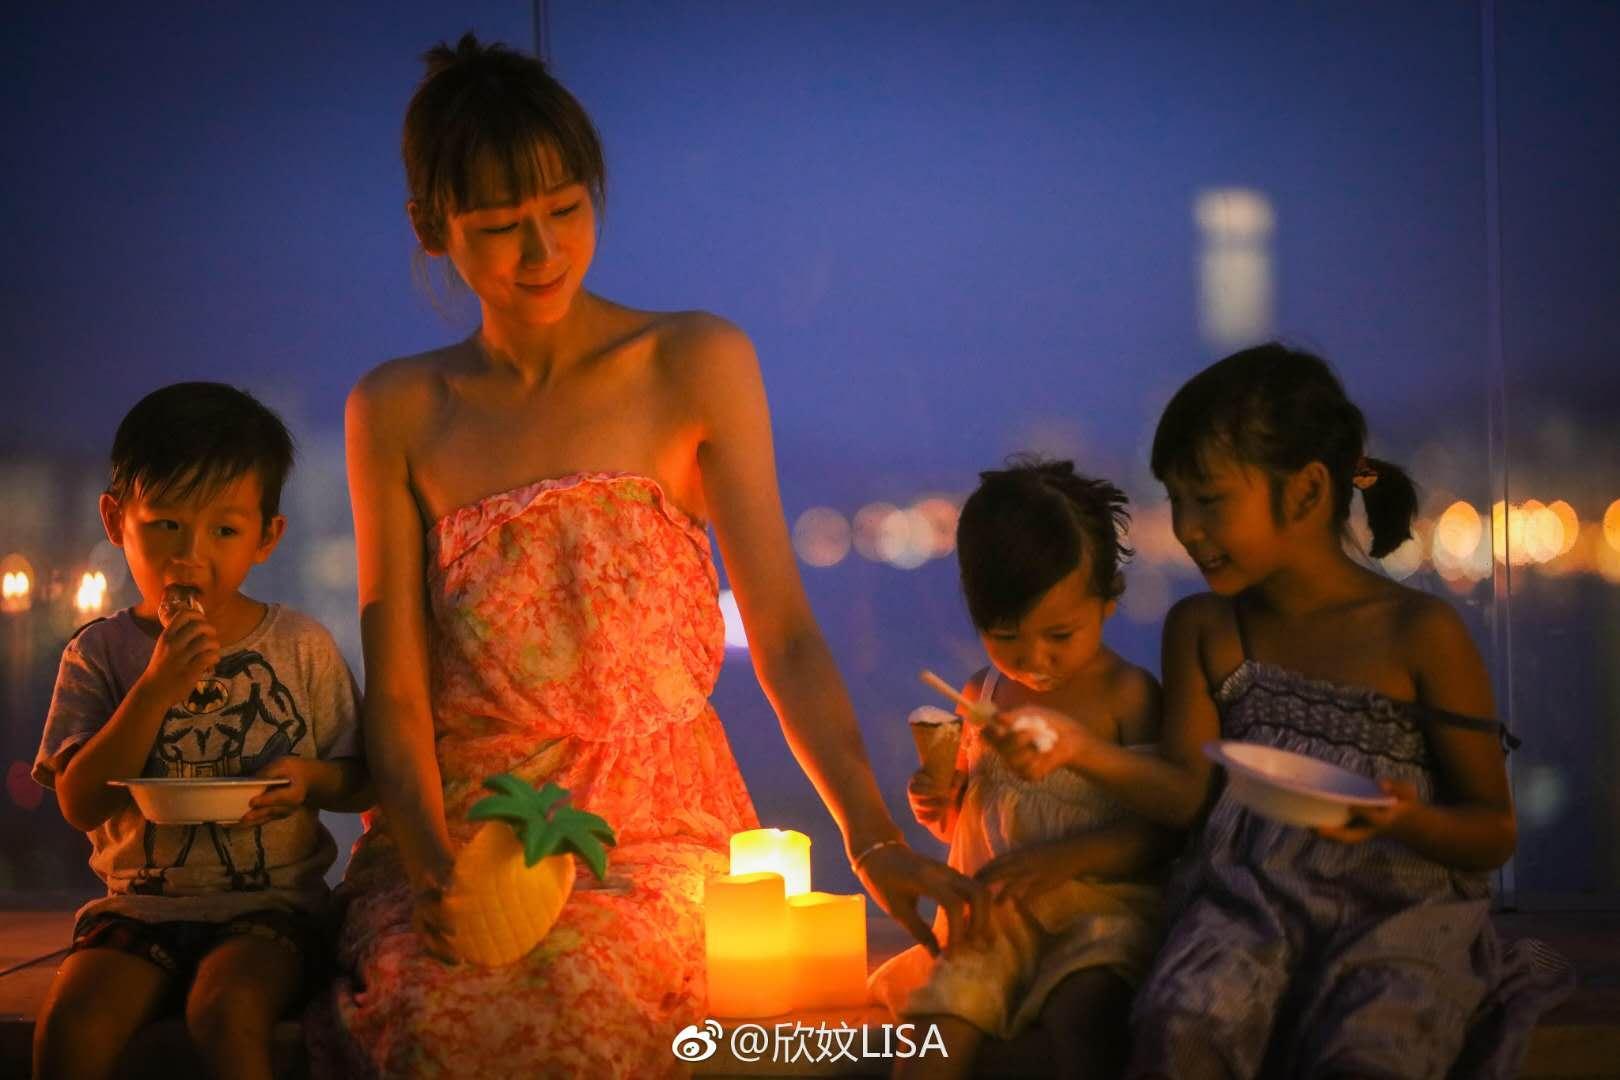 陈浩民老婆斥责虐童事件,大女儿不堪往事被扒令网友很心疼